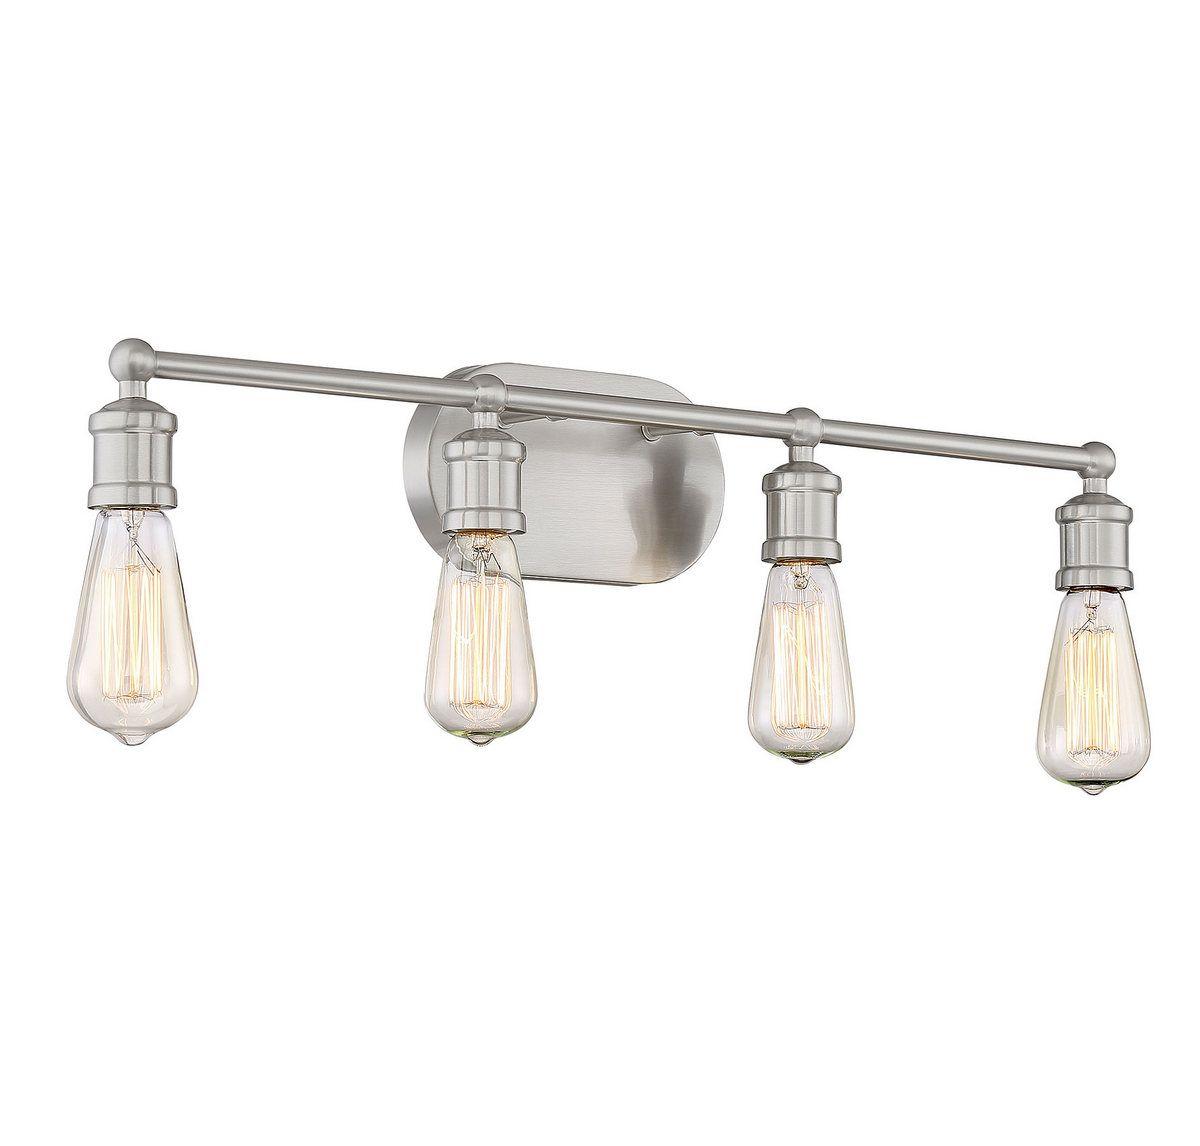 Trade Winds Lighting Industrial 4-Light Bathroom Vanity